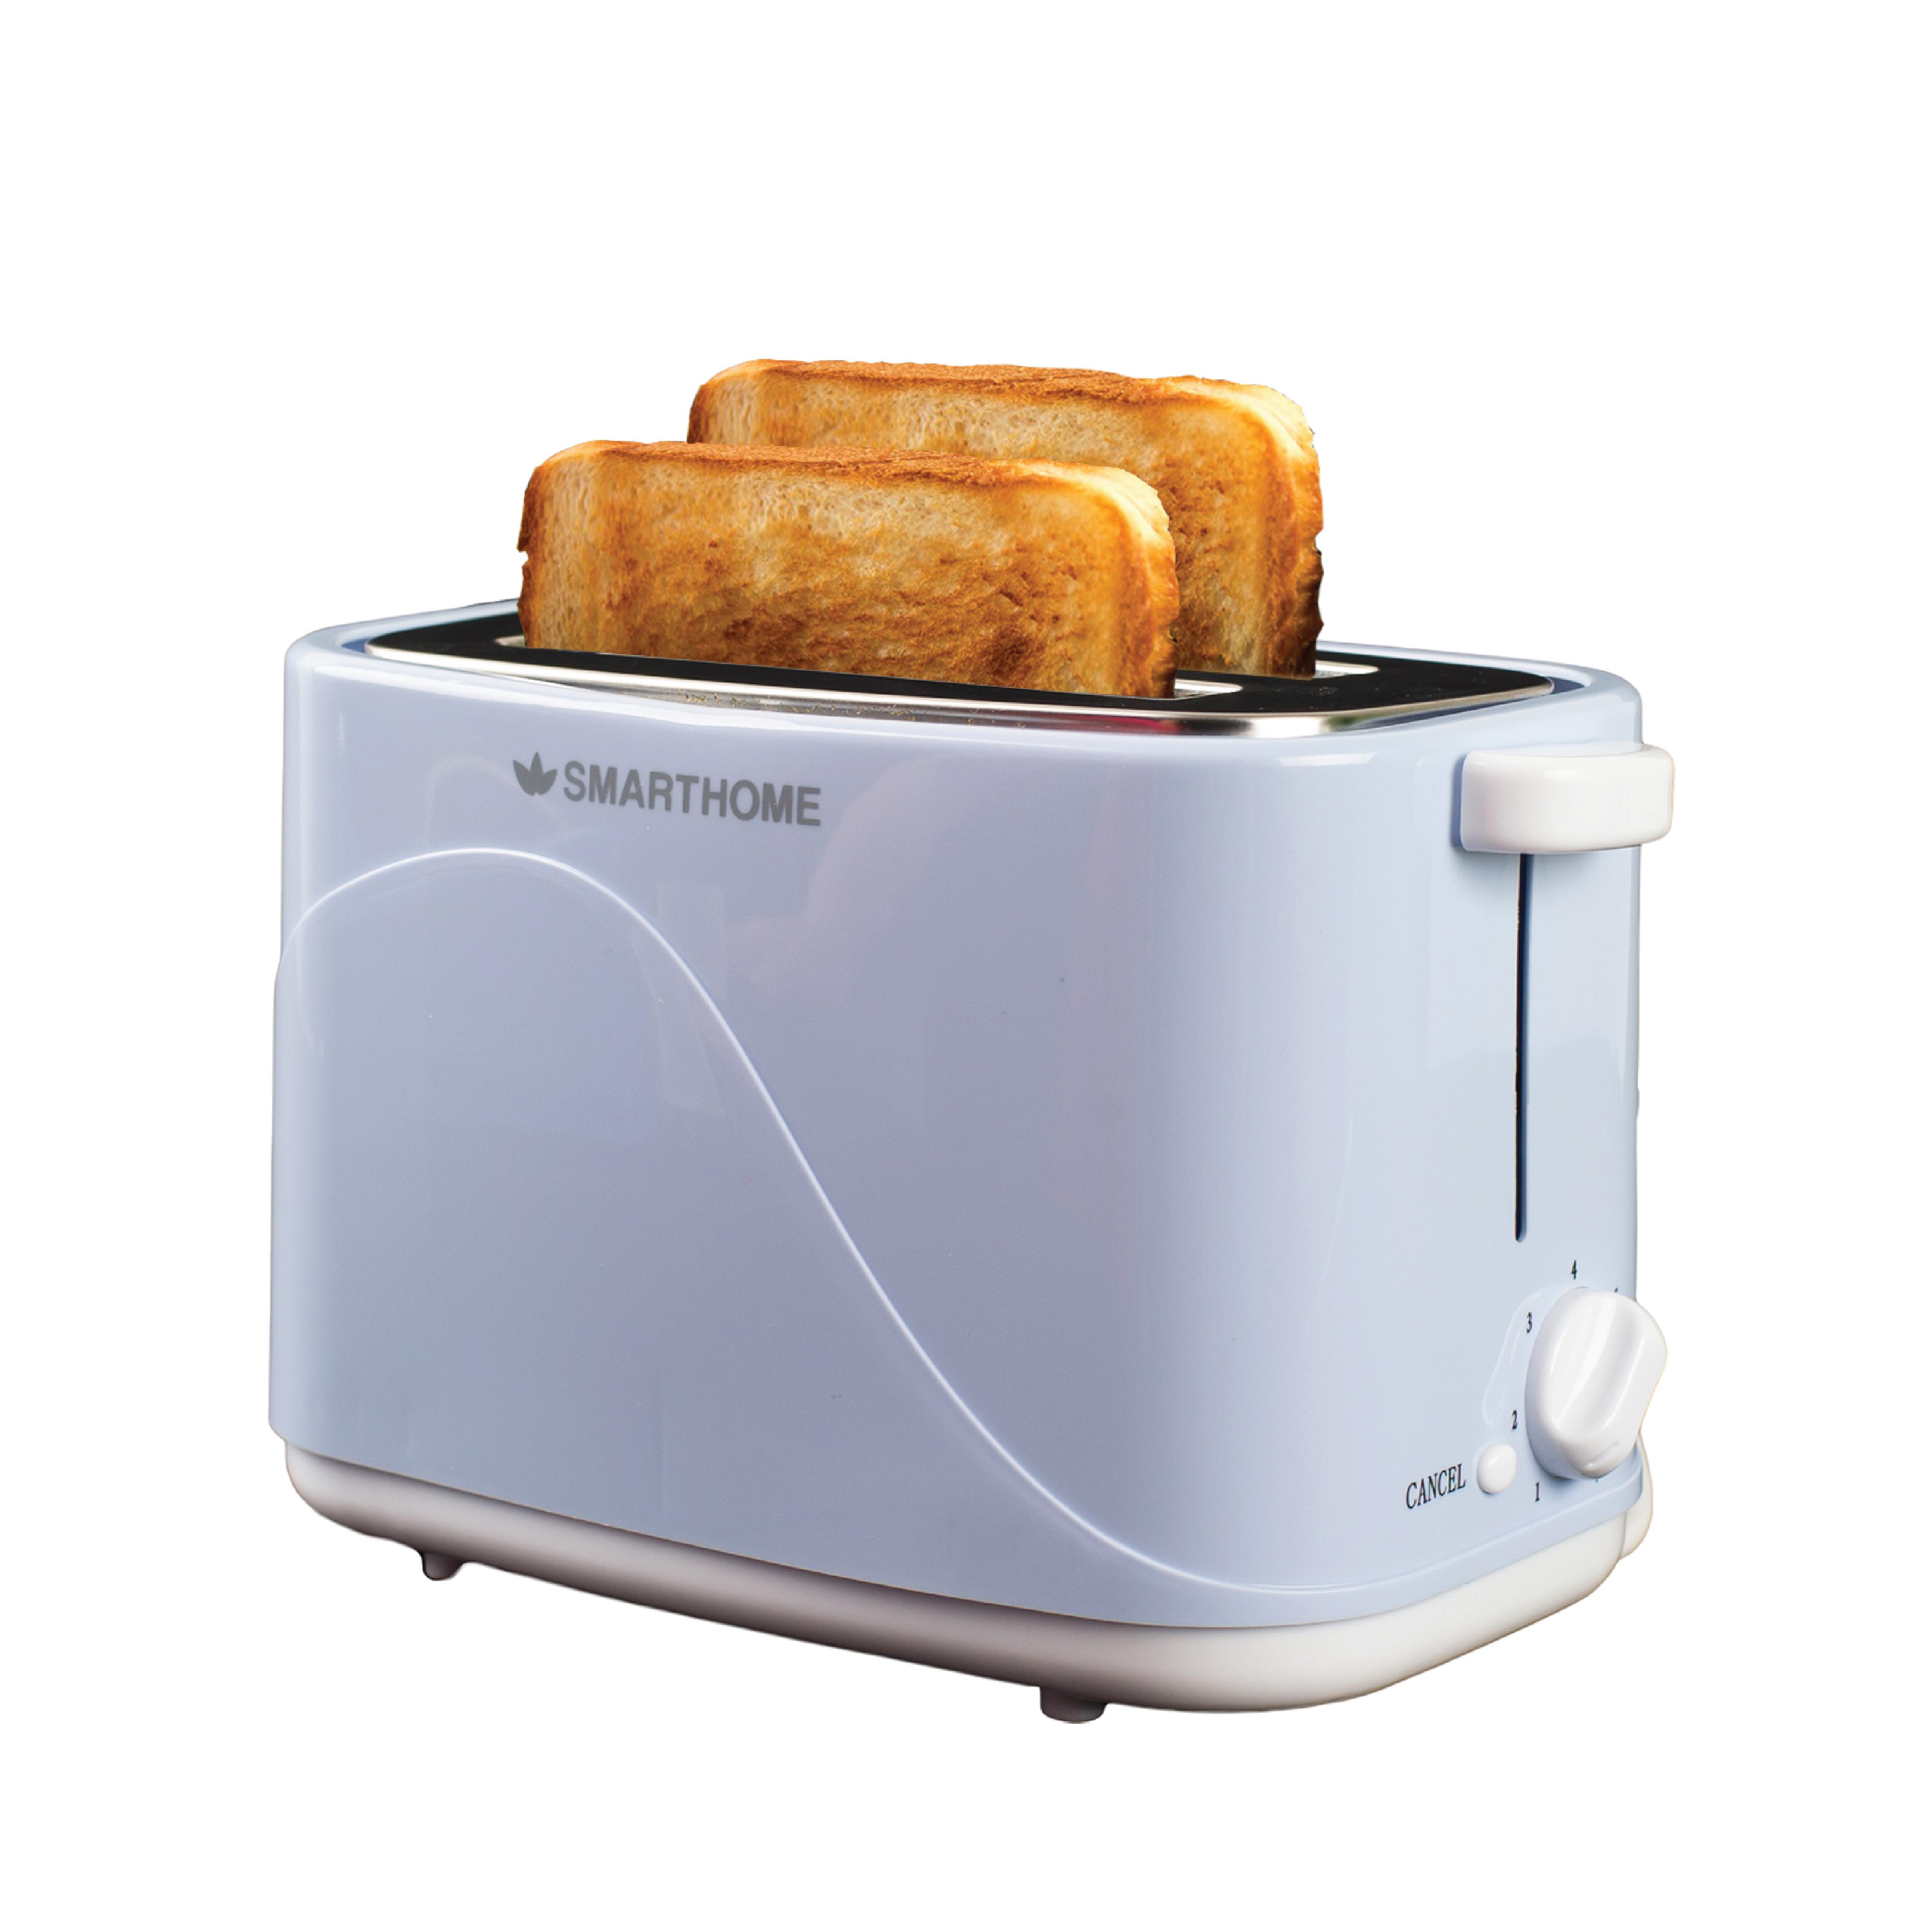 smart home toaster sm t03. Black Bedroom Furniture Sets. Home Design Ideas